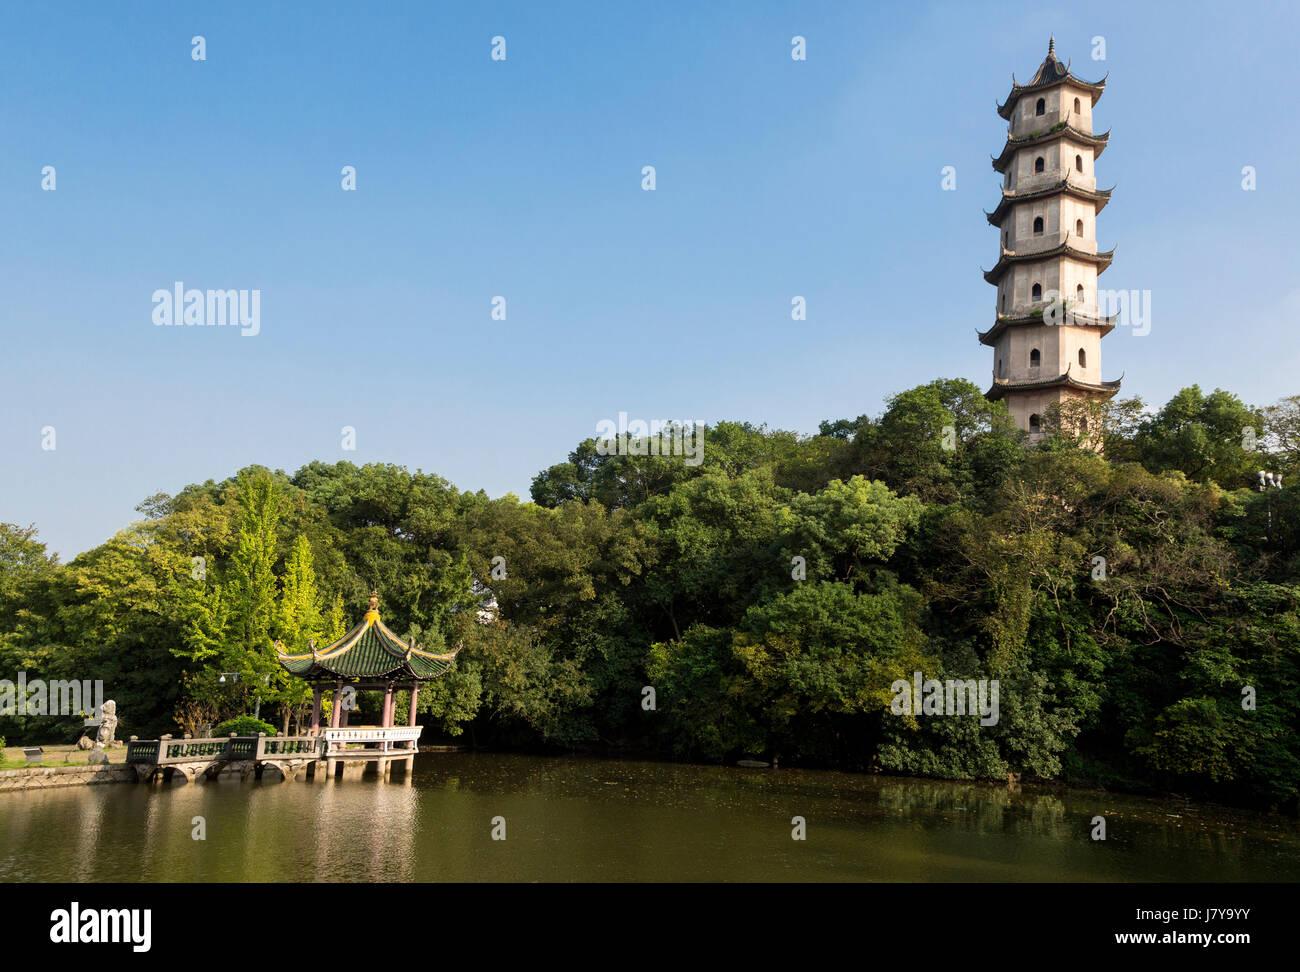 Wenzhou zhejiang china